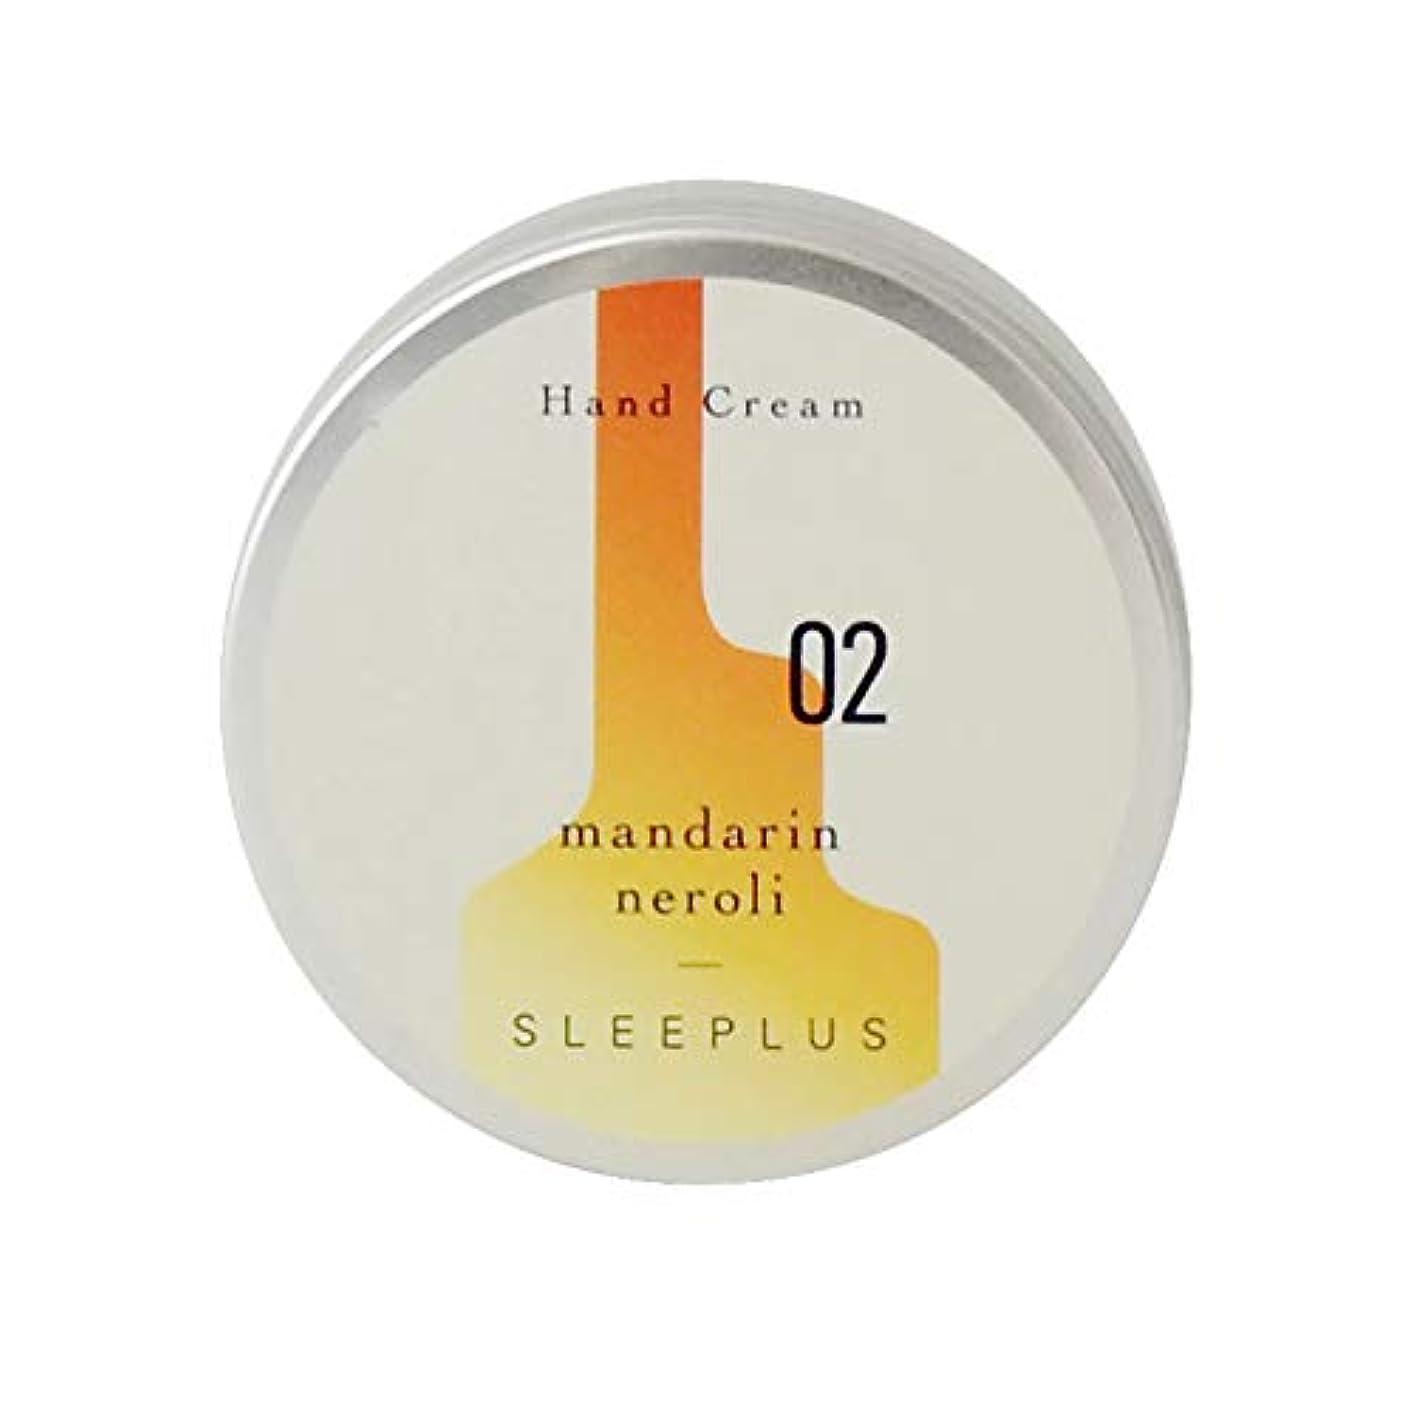 酔った道徳教育水Heavenly Aroom ハンドクリーム SLEEPLUS 02 マンダリンネロリ 75g